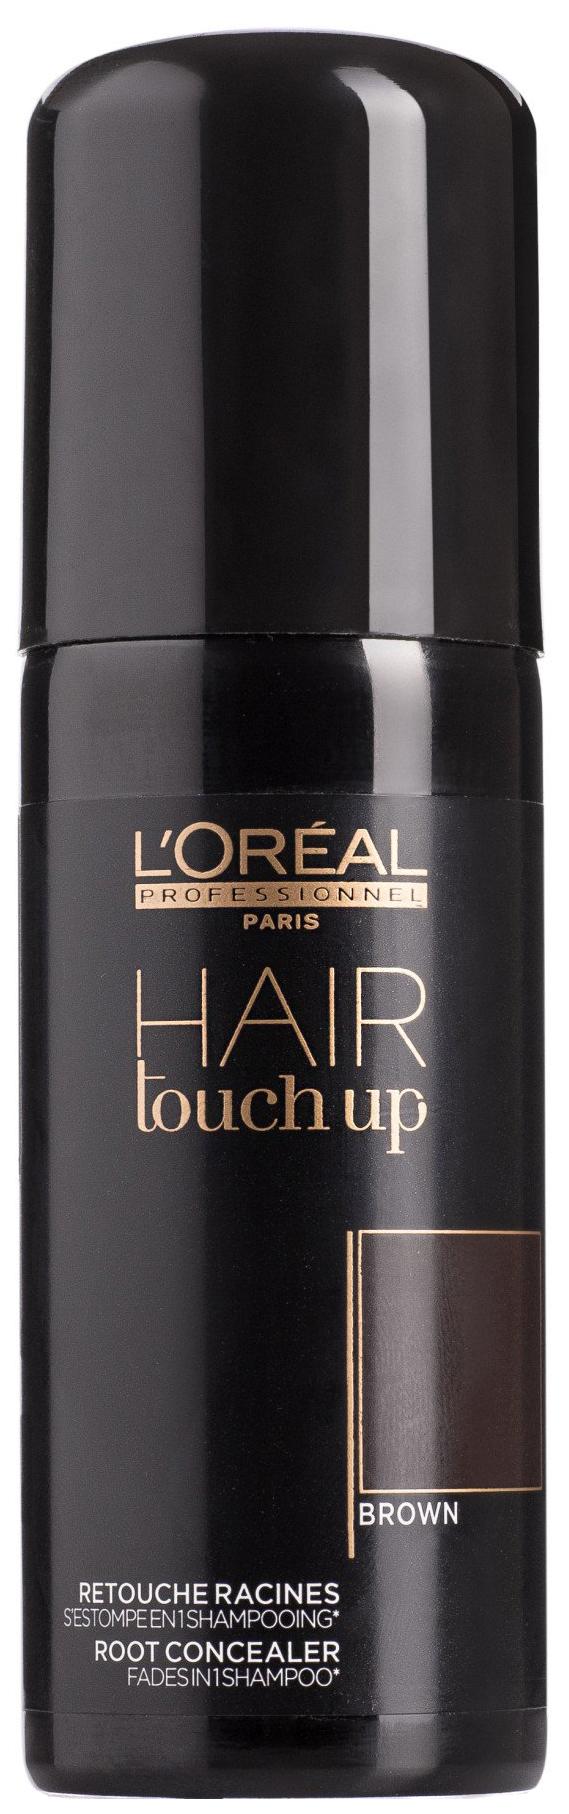 Купить Тонирующее средство L'Oreal Professionnel Hair Touch Up Коричневый 75 мл